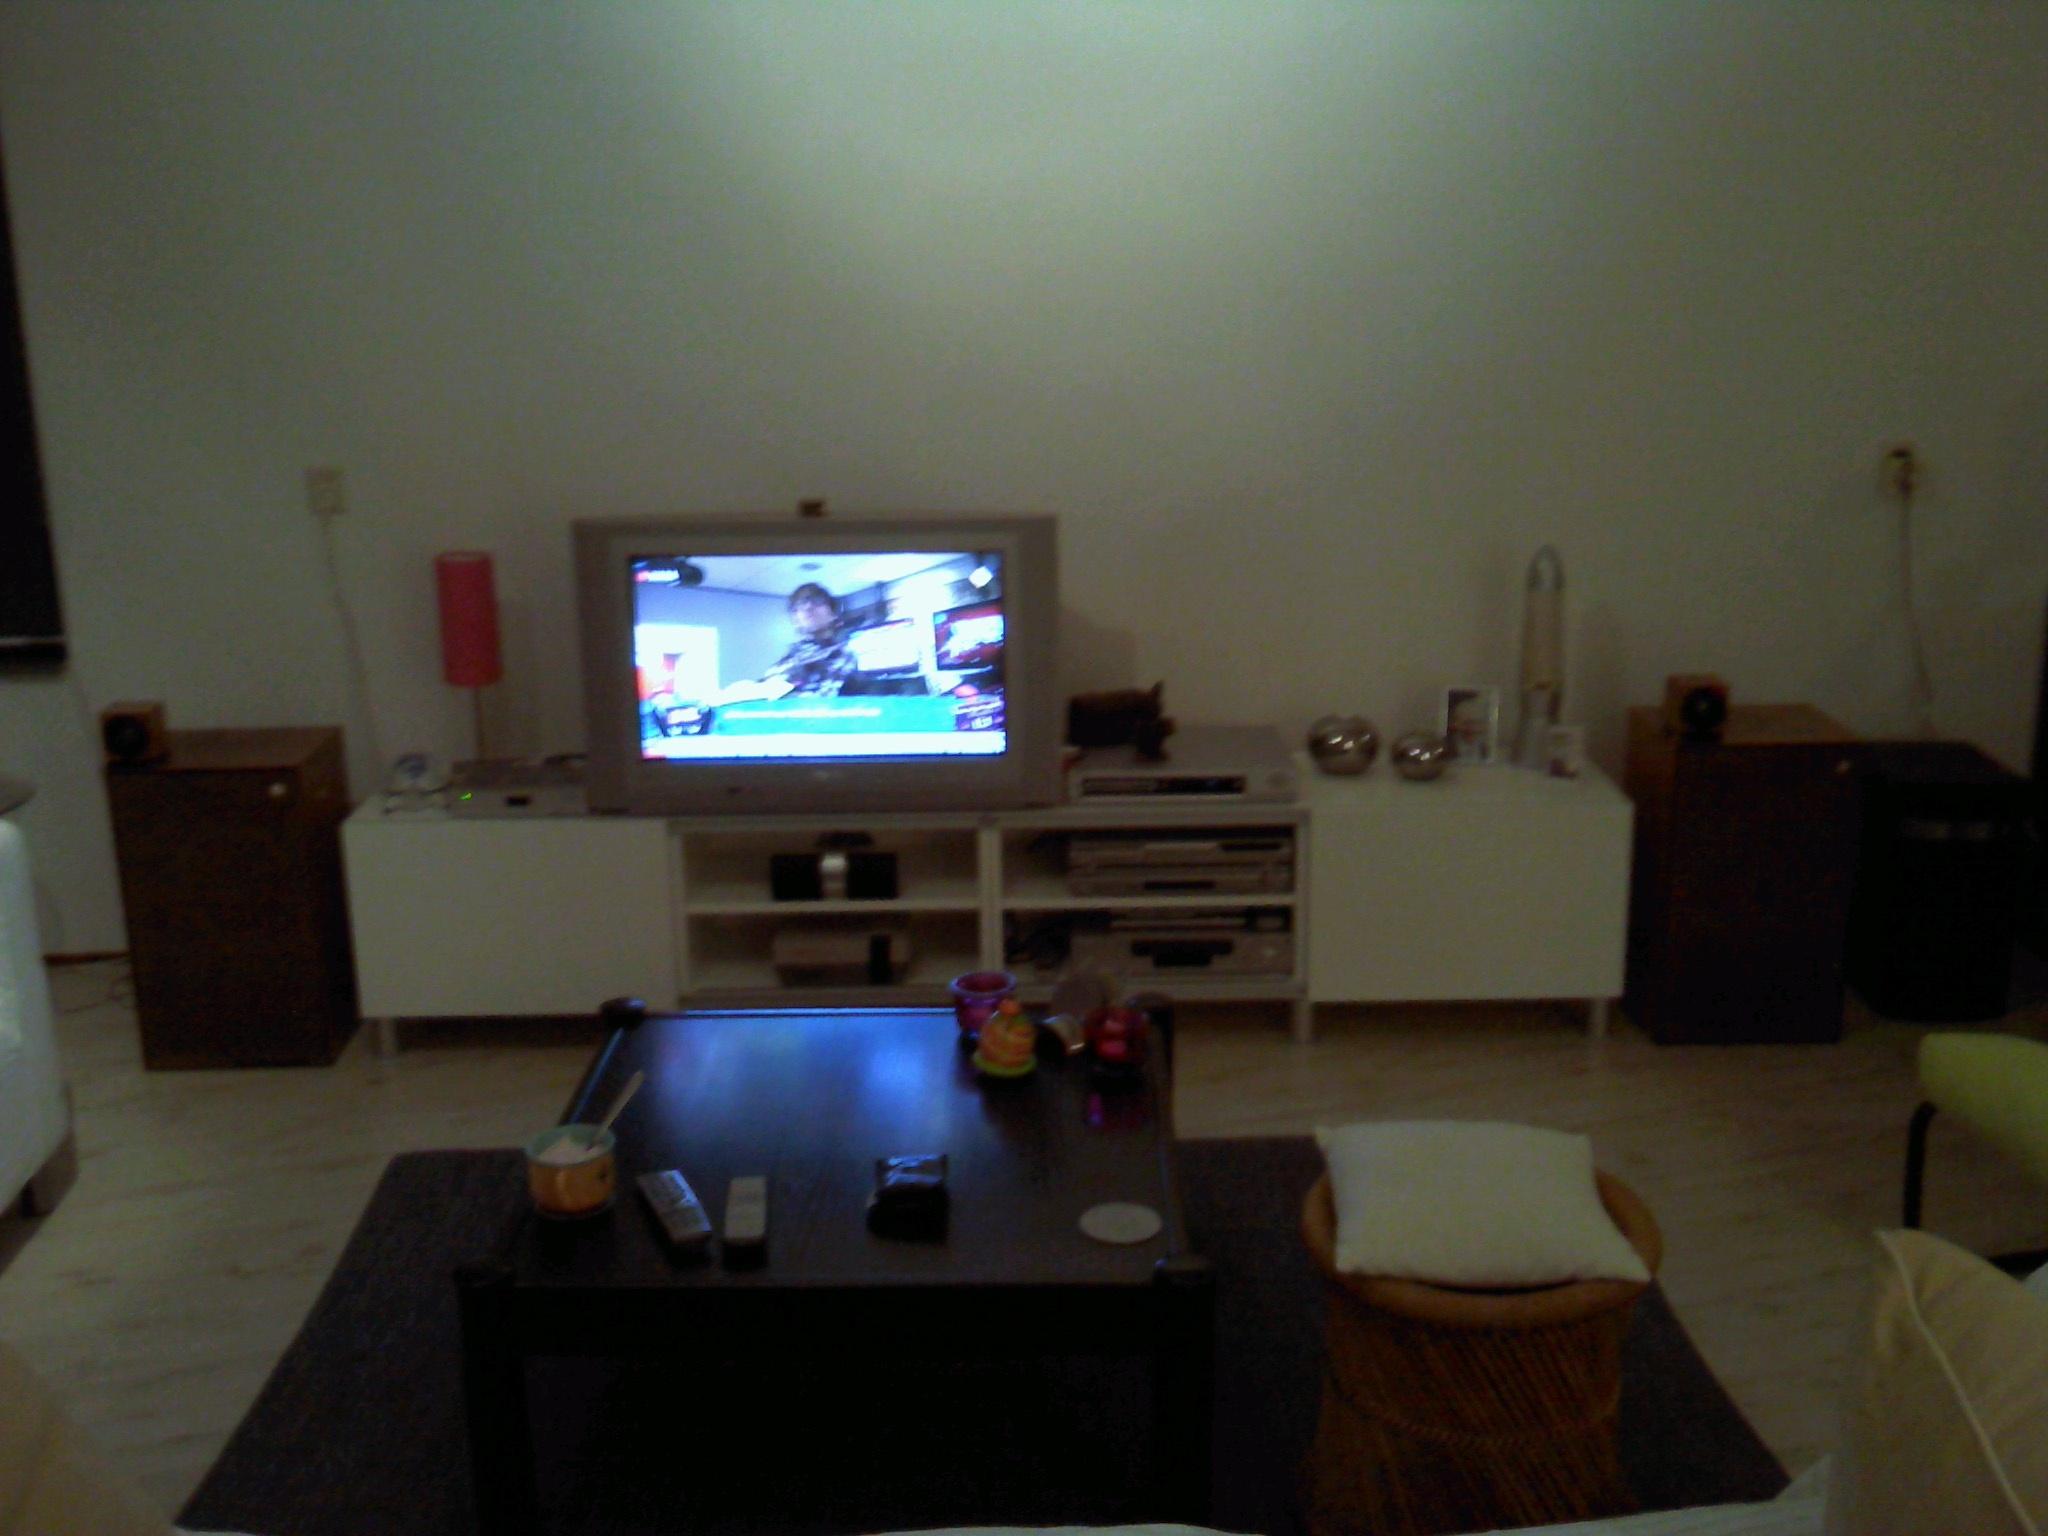 Ikea Tobo Tv Meubel.Post Hier Foto S En Specs Van Je Home Cinema Deel 46 Audio En